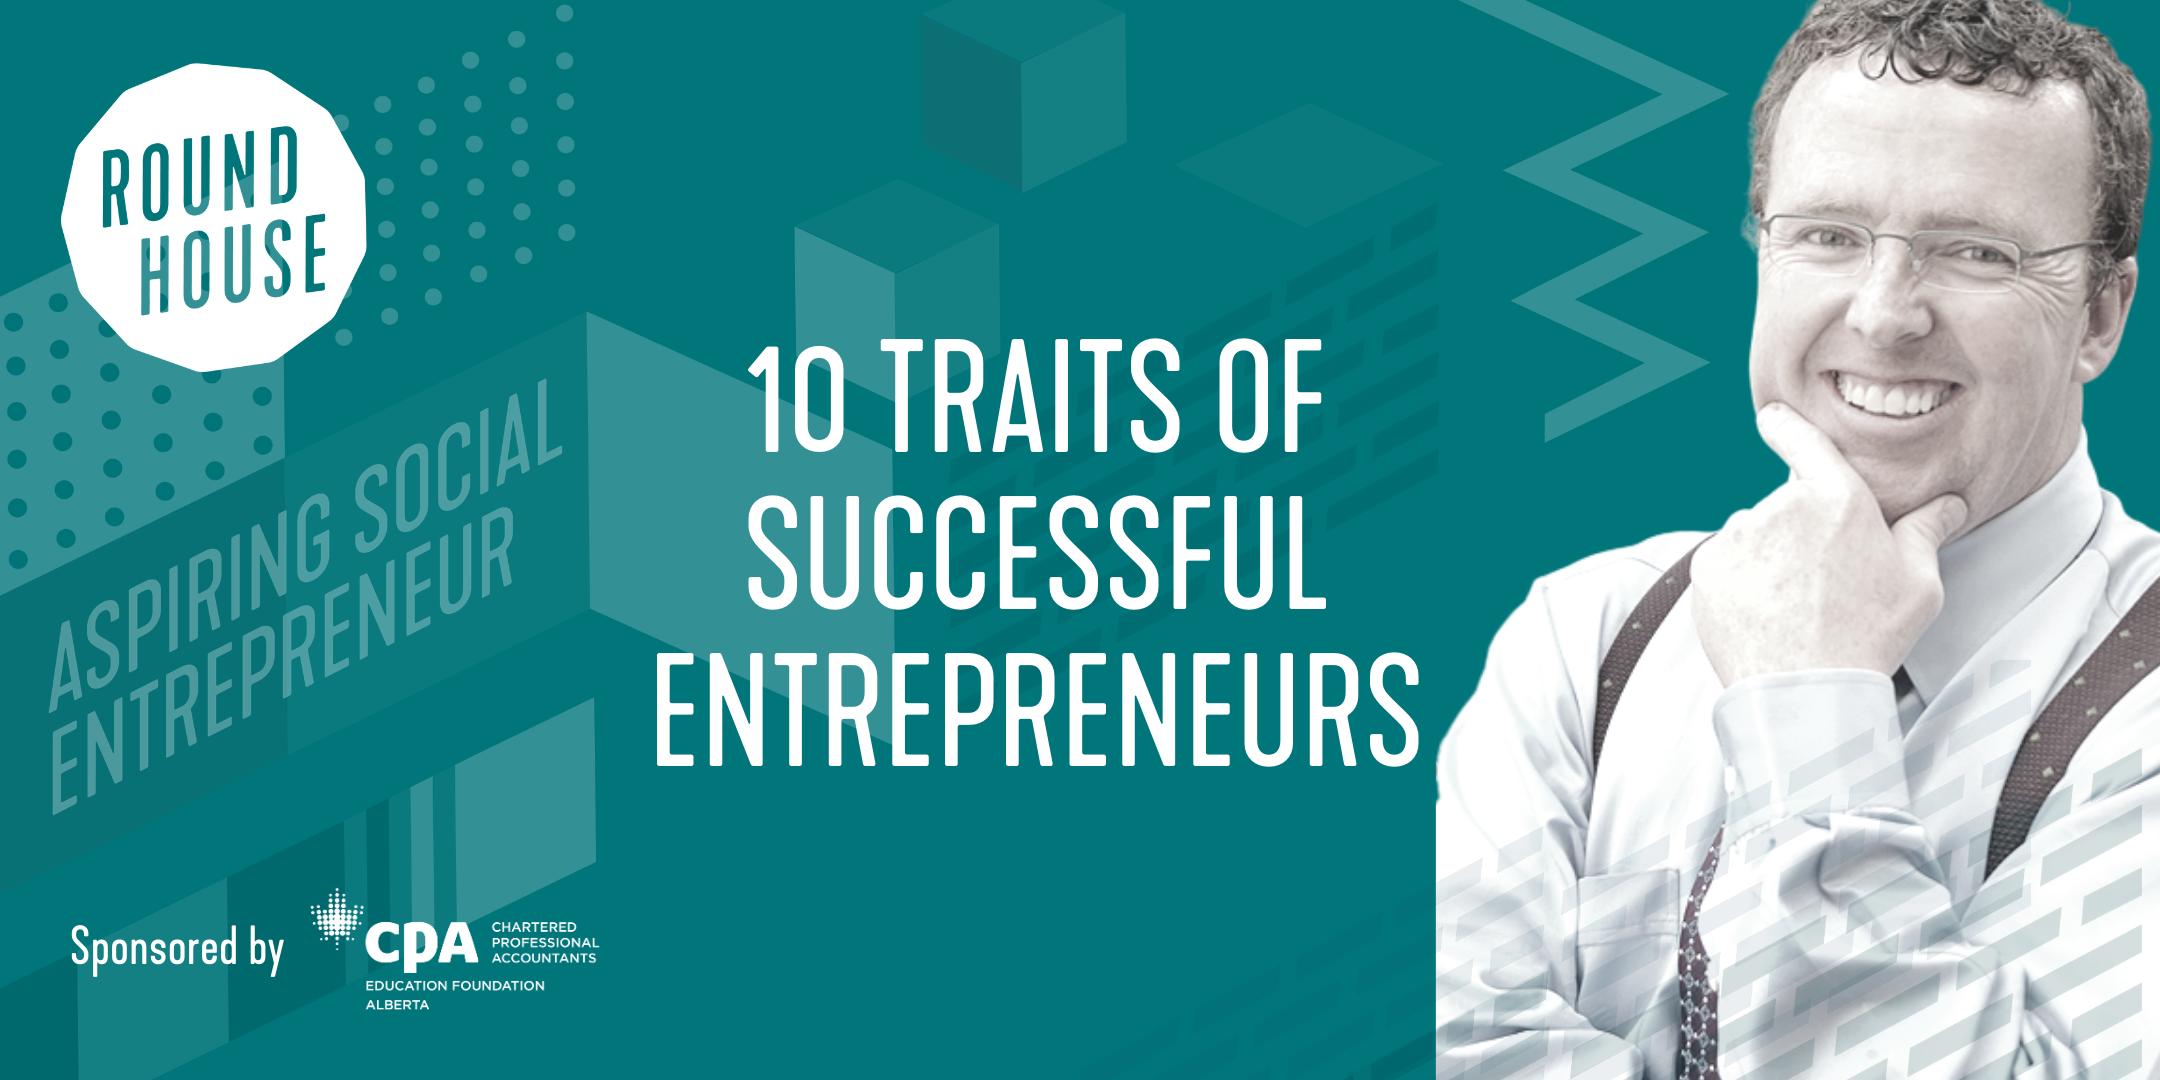 Aspiring Social Entrepreneur Series: 10 Traits of Successful Entrepreneurs